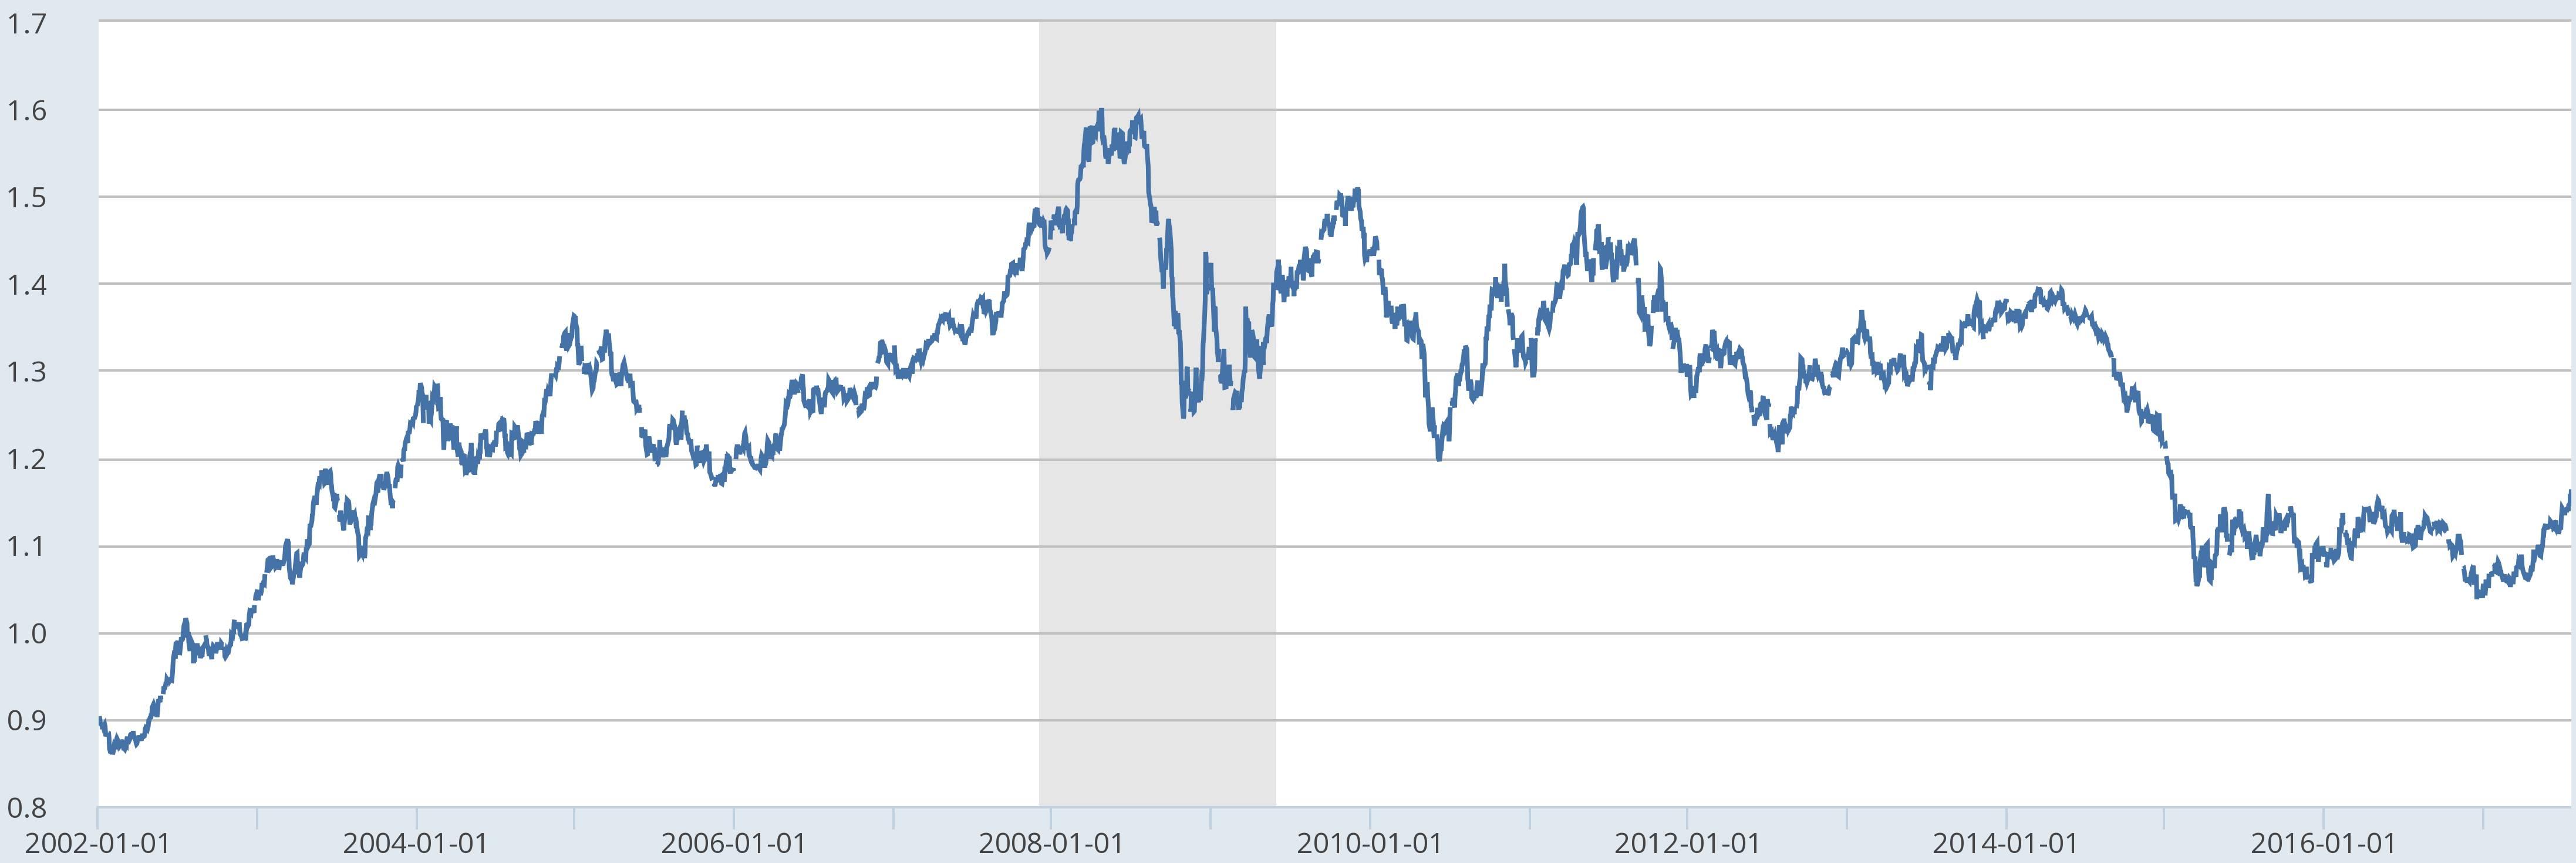 Qu'est-ce qu'une limite à la hausse/baisse ?